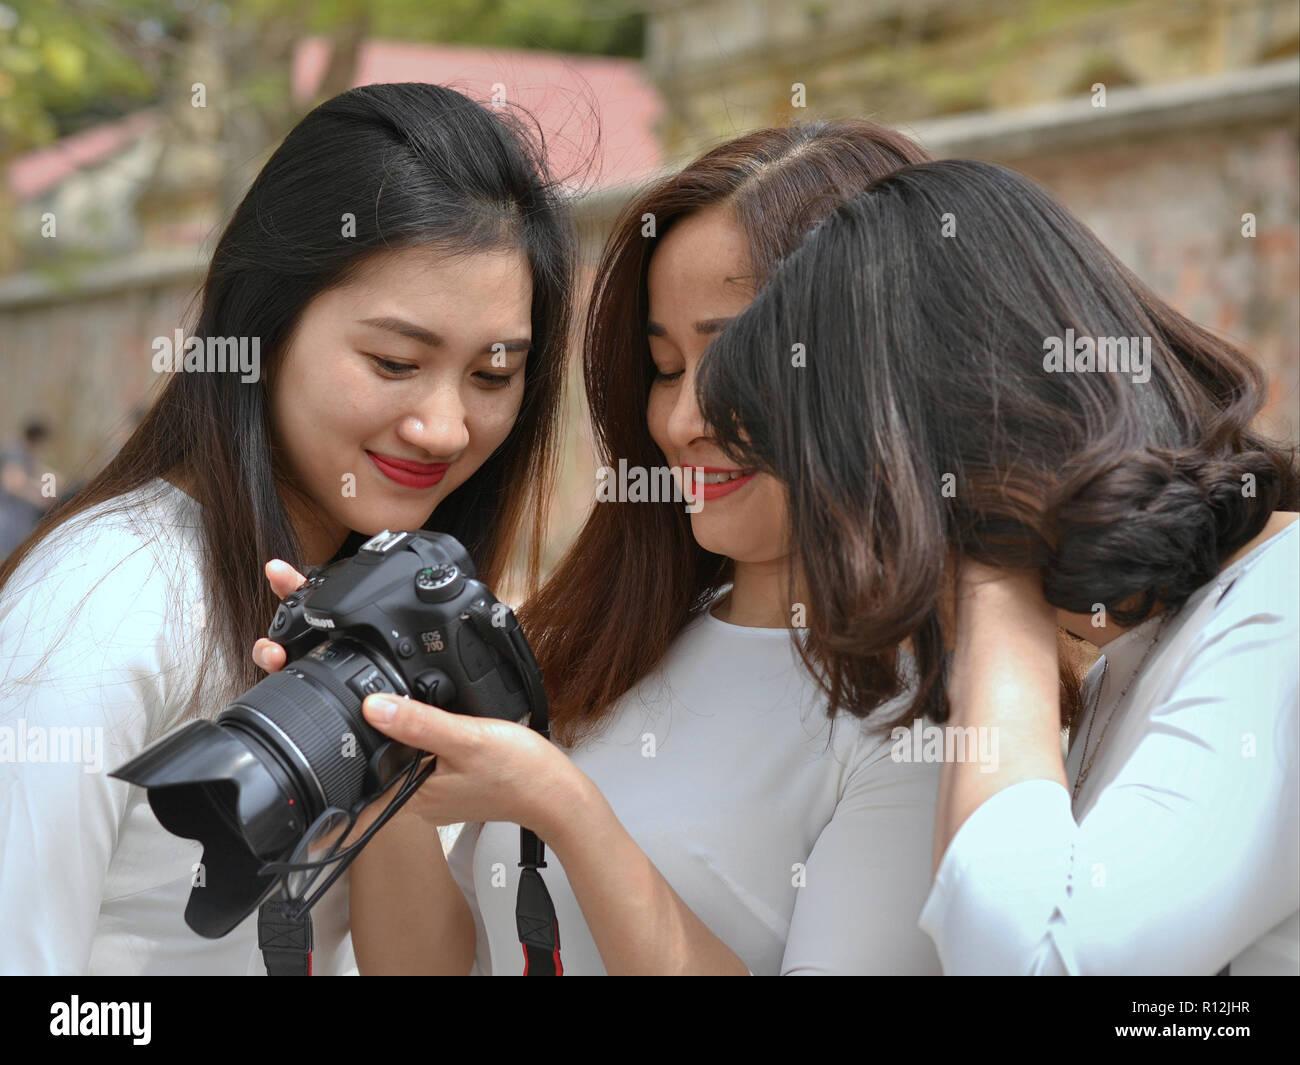 Three young Vietnamese women check photos on the screen of a Canon EOS 70D DSLR camera. Stock Photo